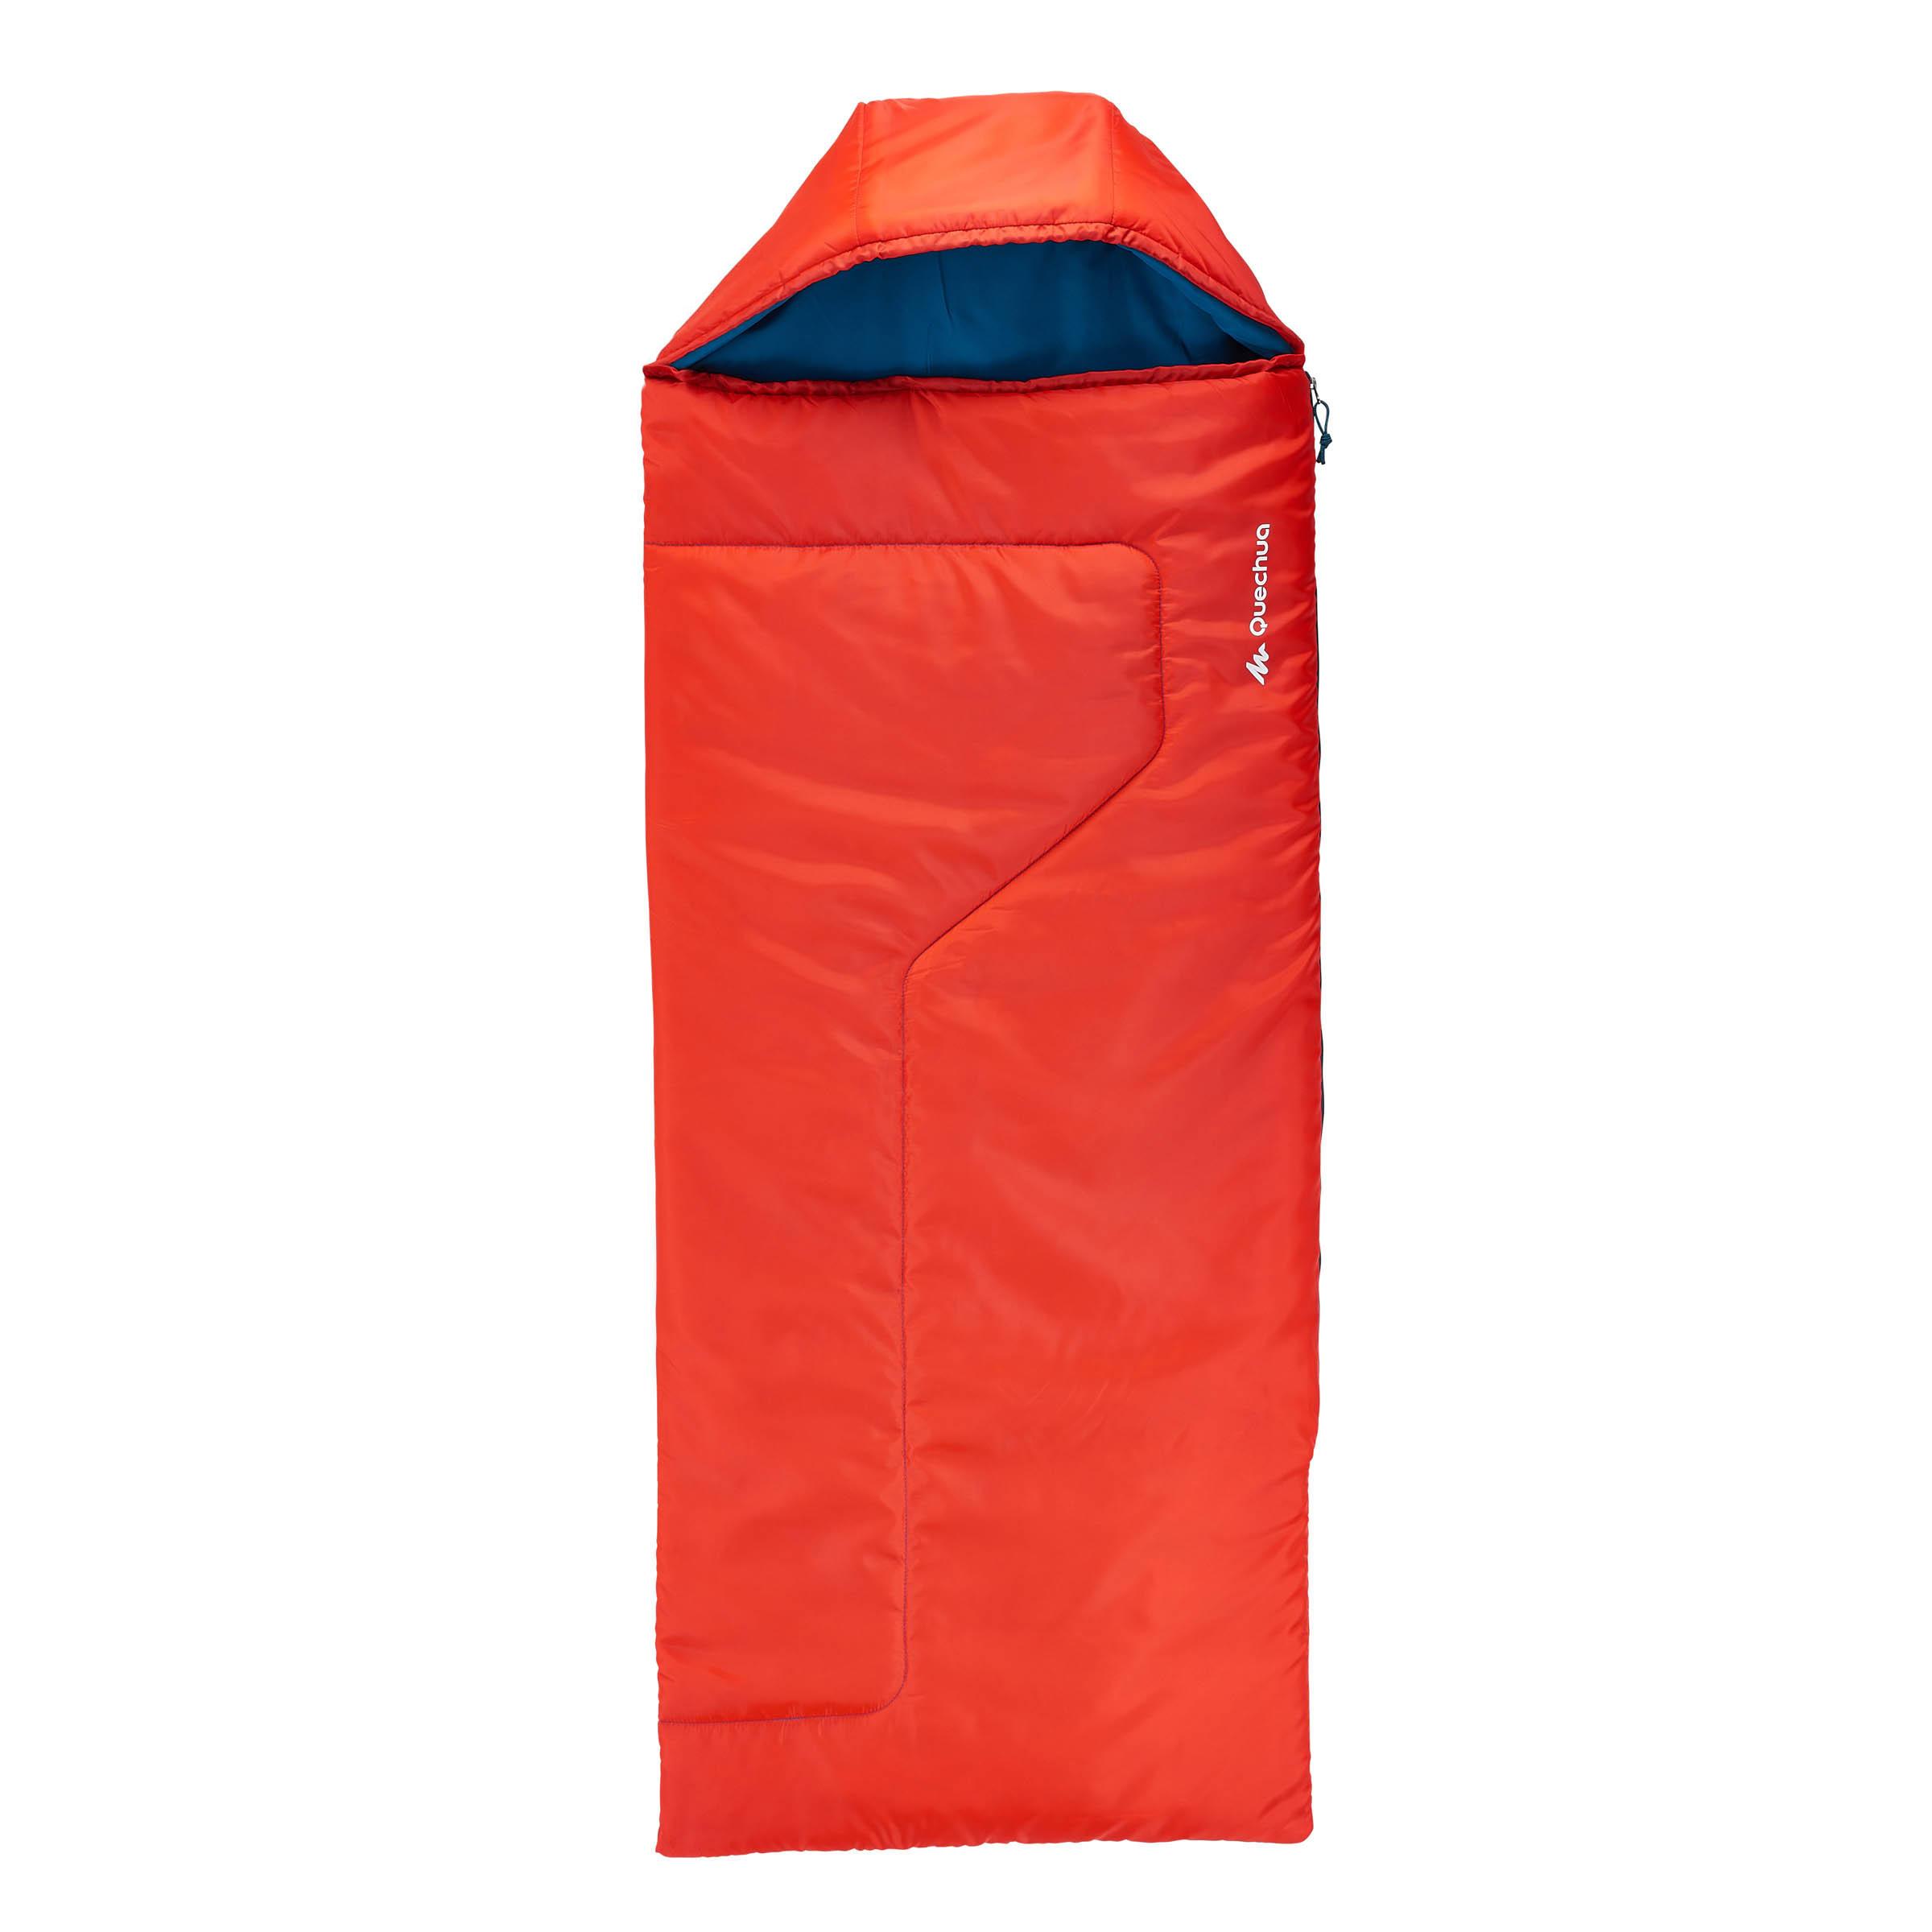 Sleeping bag de campismo niños FORCLAZ 10° rojo